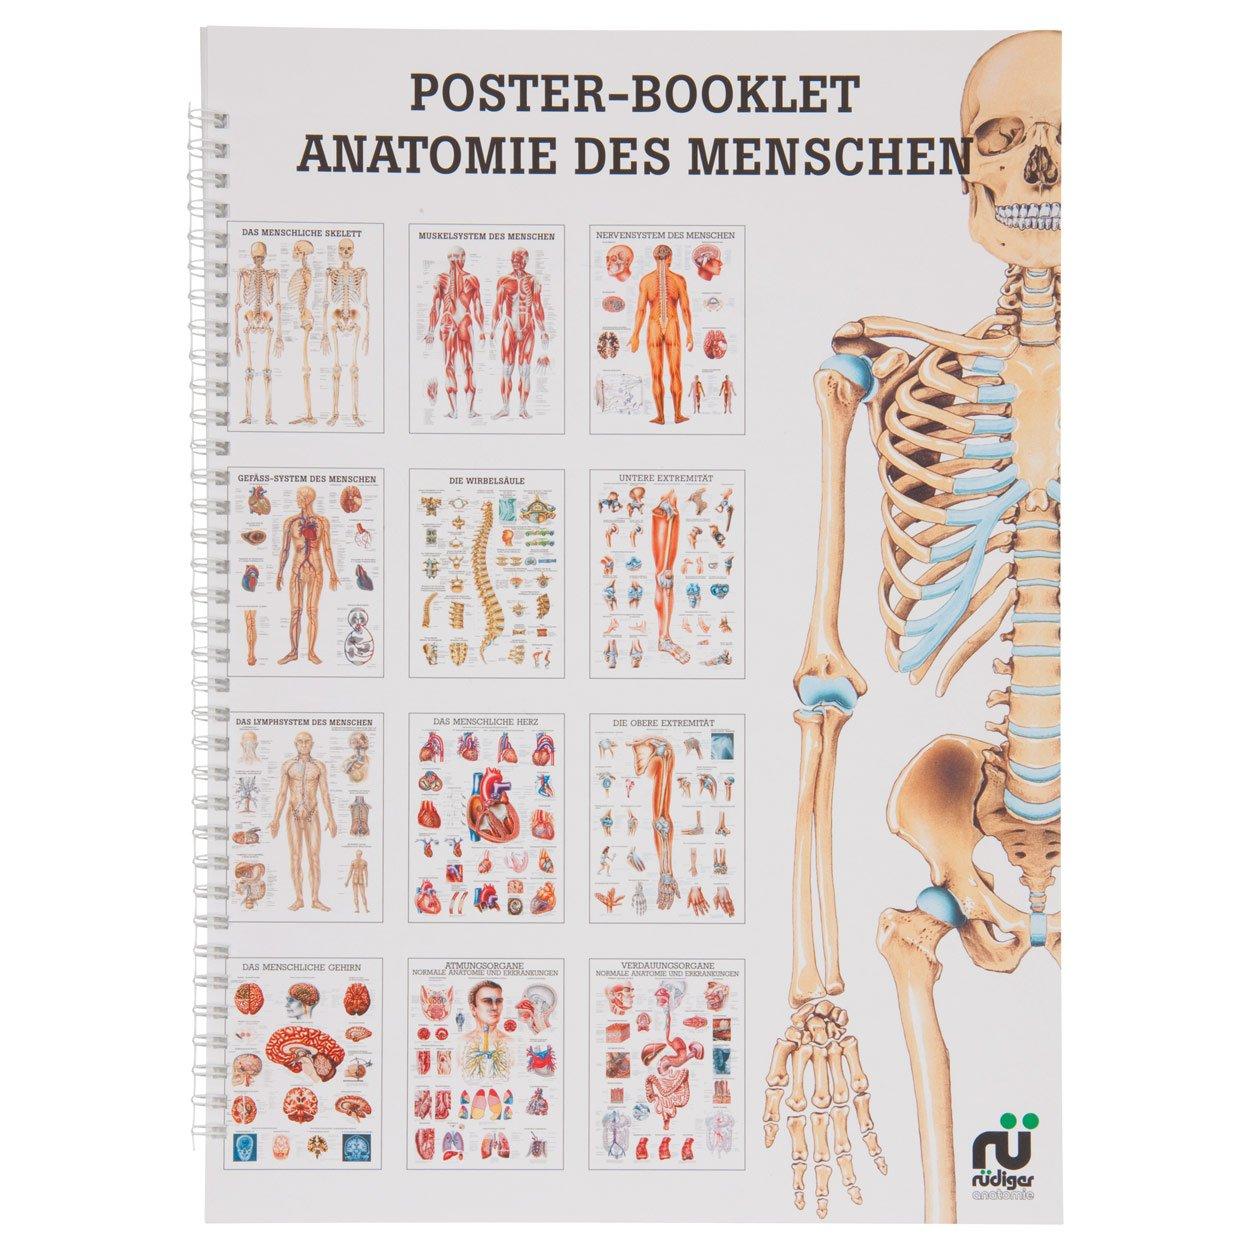 Anatomie des Menschen Mini-Poster Booklet Anatomie 34x24 cm, 12 ...